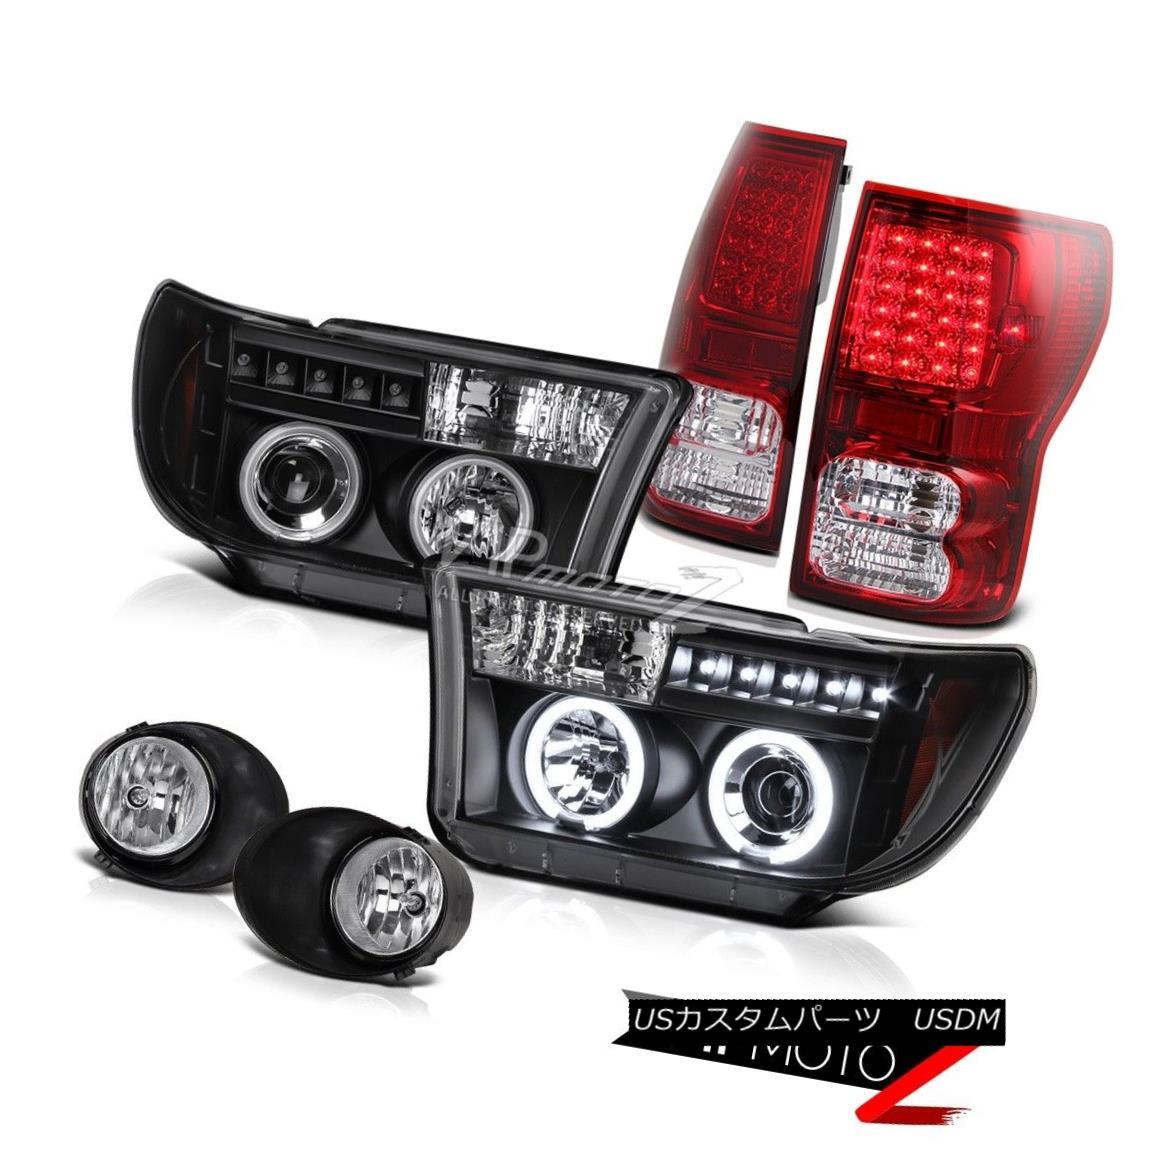 ヘッドライト 07-13 Toyota Tundra CCFL Halo Projector Headlight+Led Tail Light+Fog Lamp COMBO 07-13 Toyota Tundra CCFL Haloプロジェクターヘッドライト+ Ledテールライト+フォグランプCOMBO